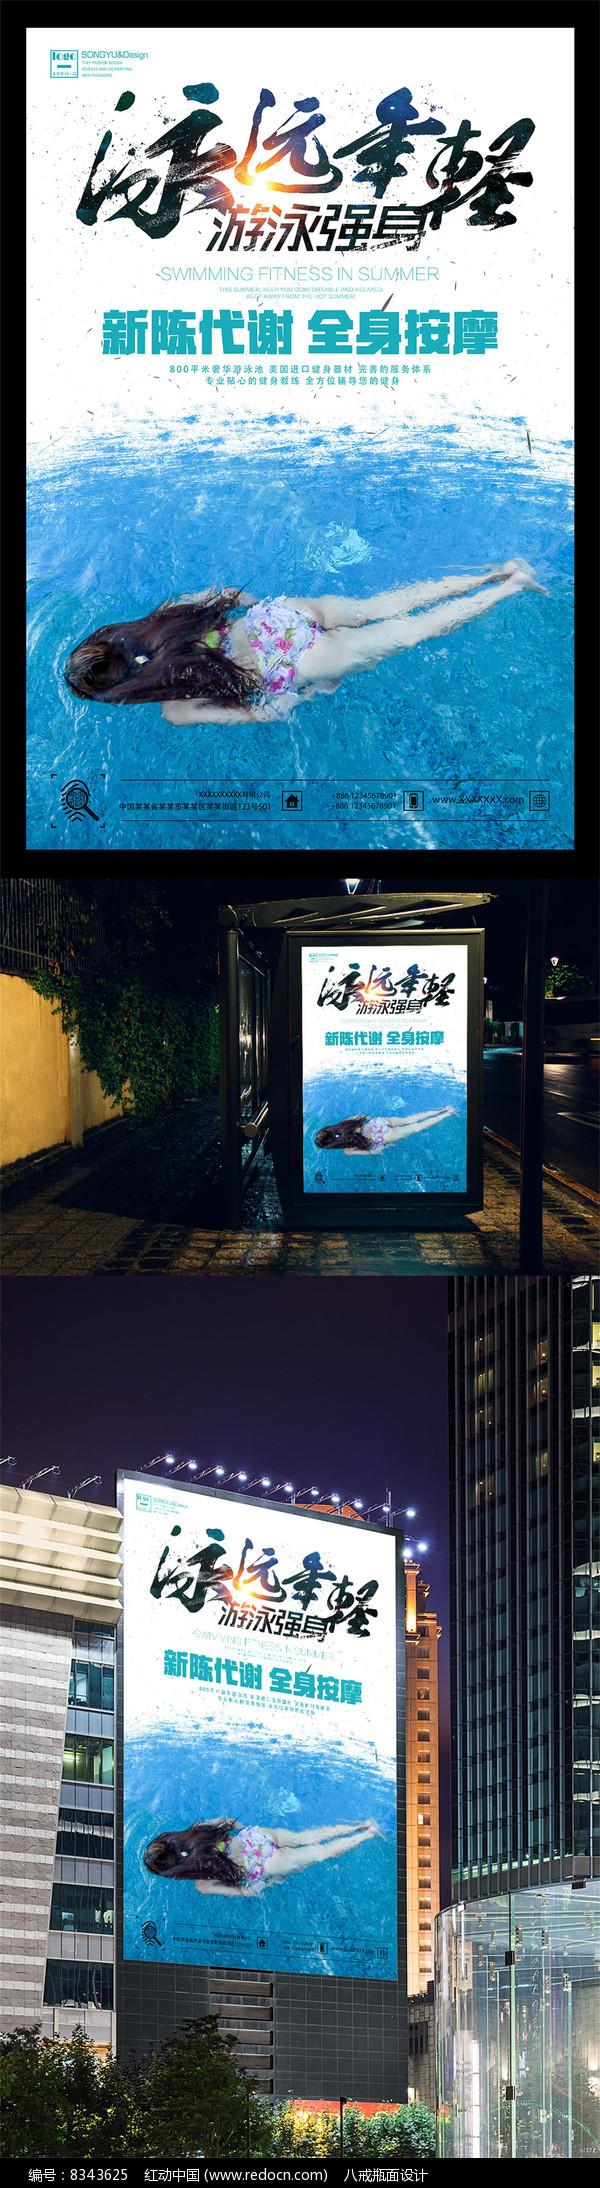 泳远年轻游泳海报图片